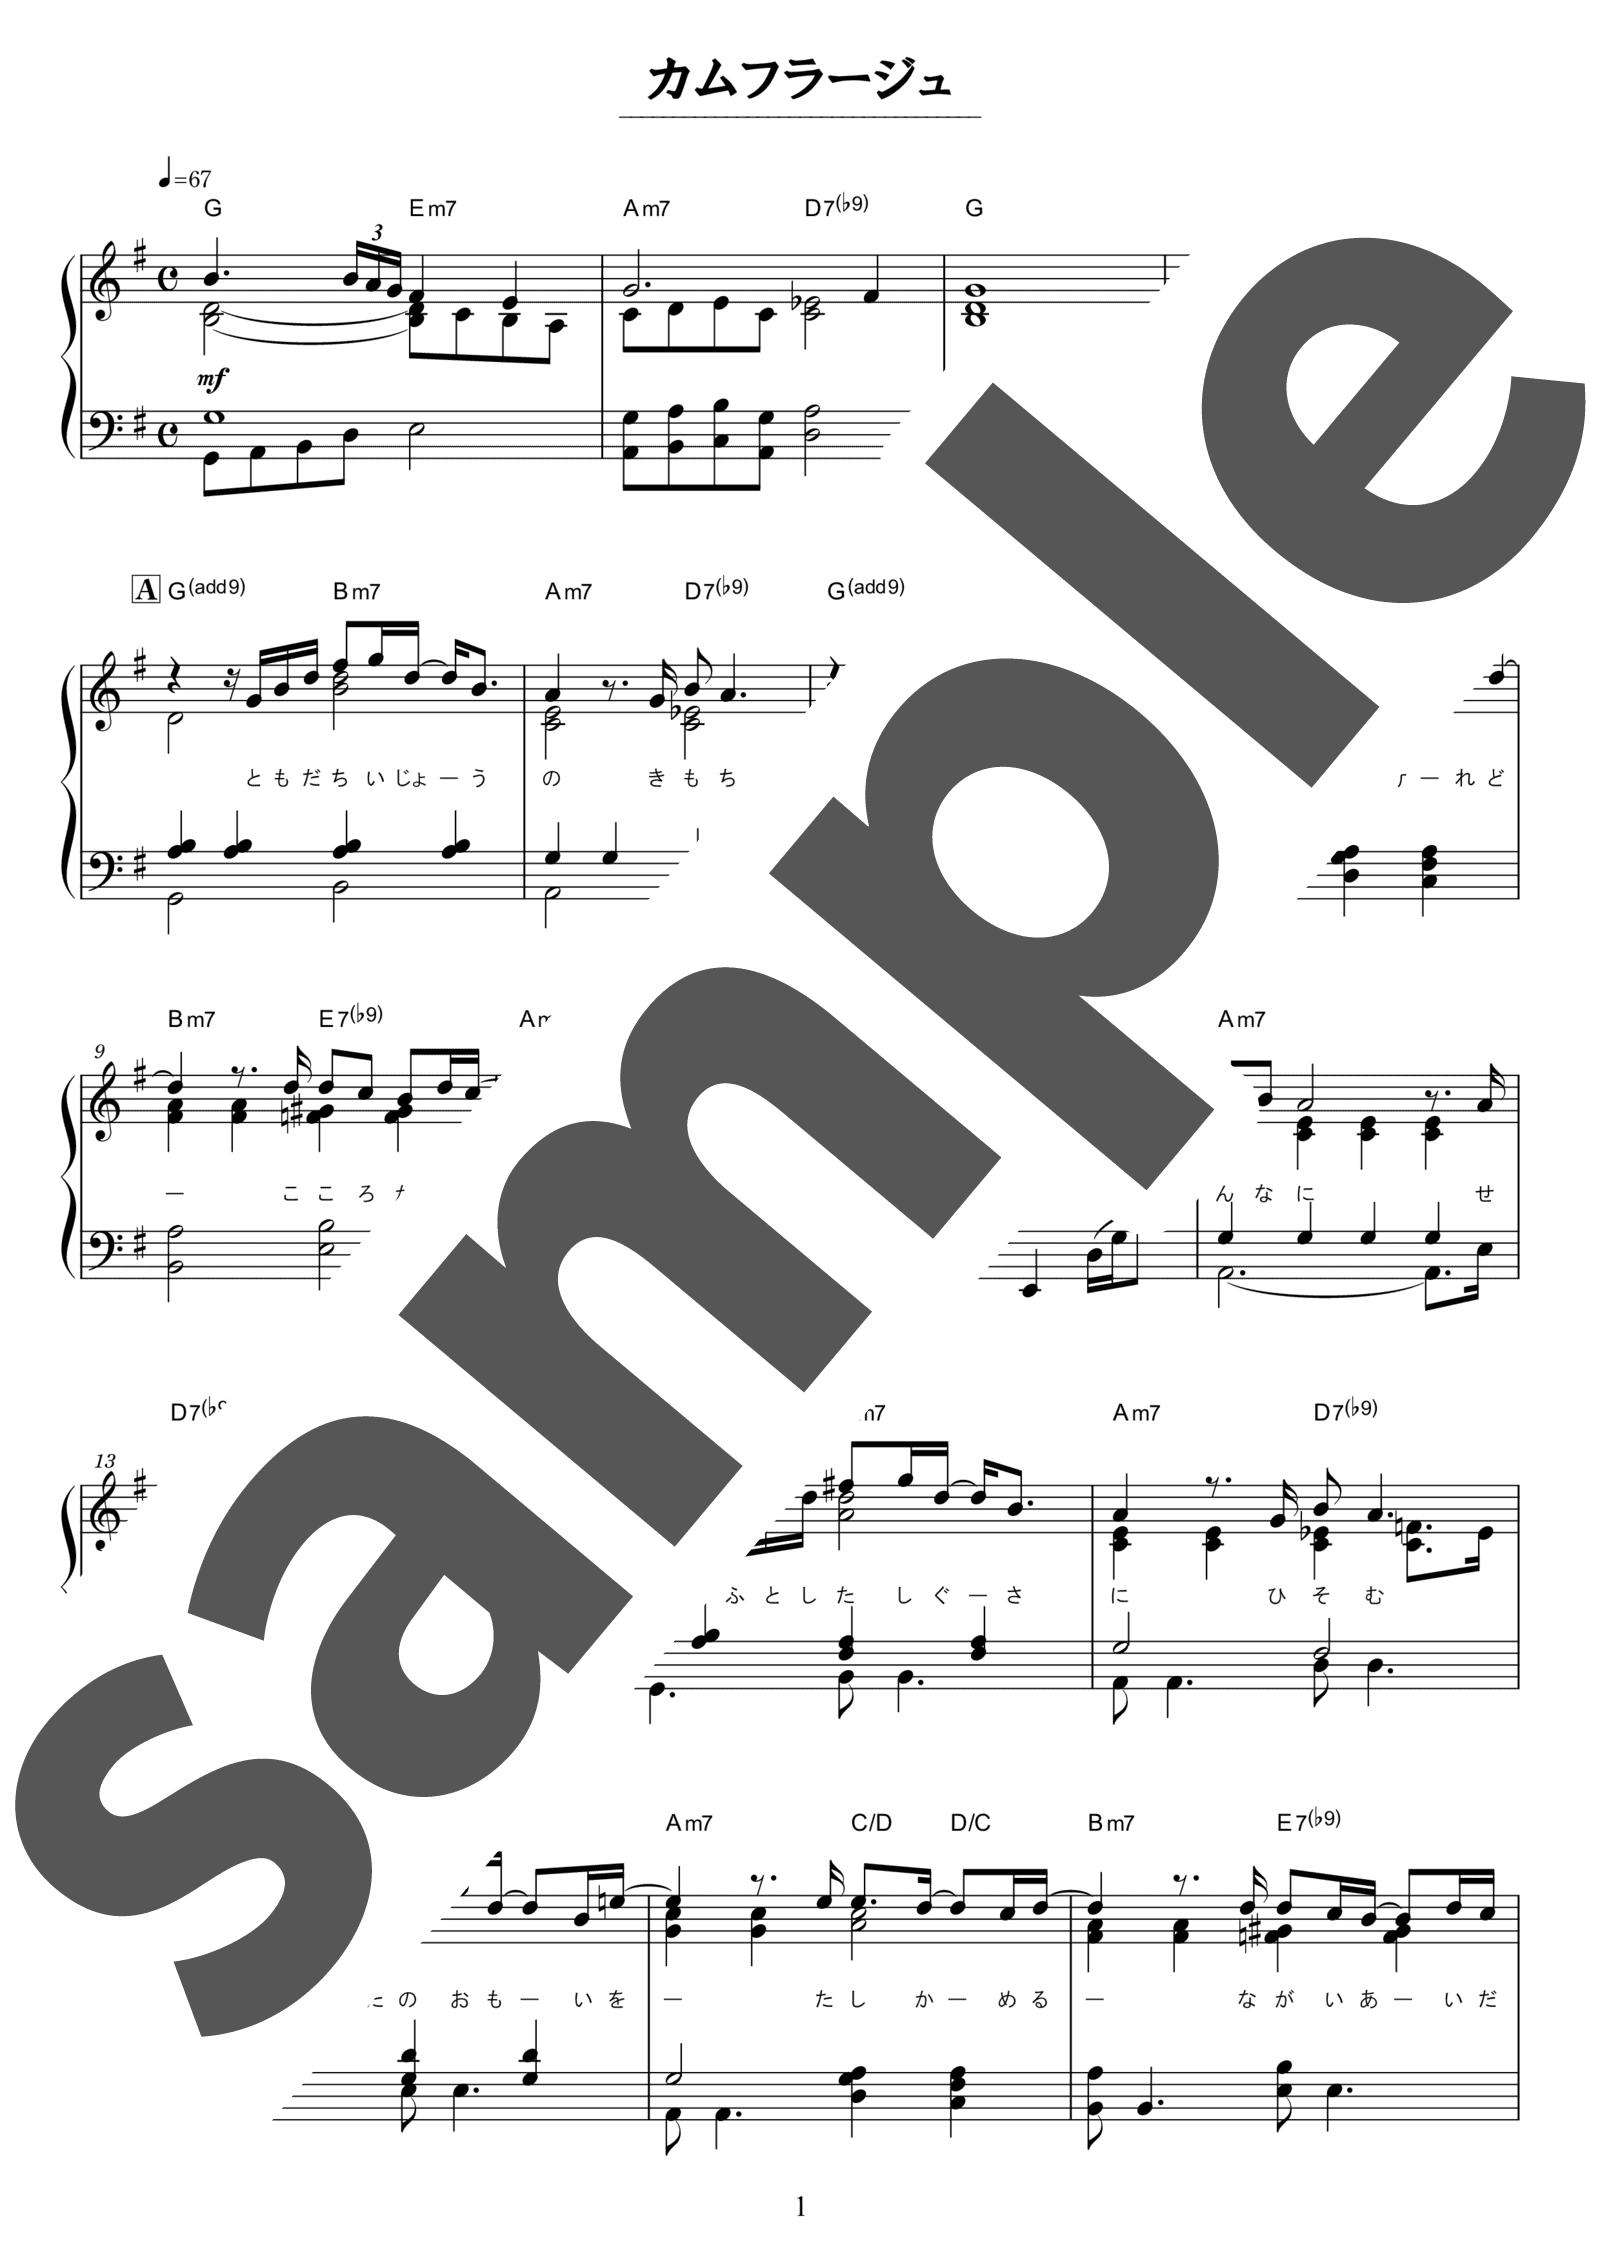 「カムフラージュ」のサンプル楽譜